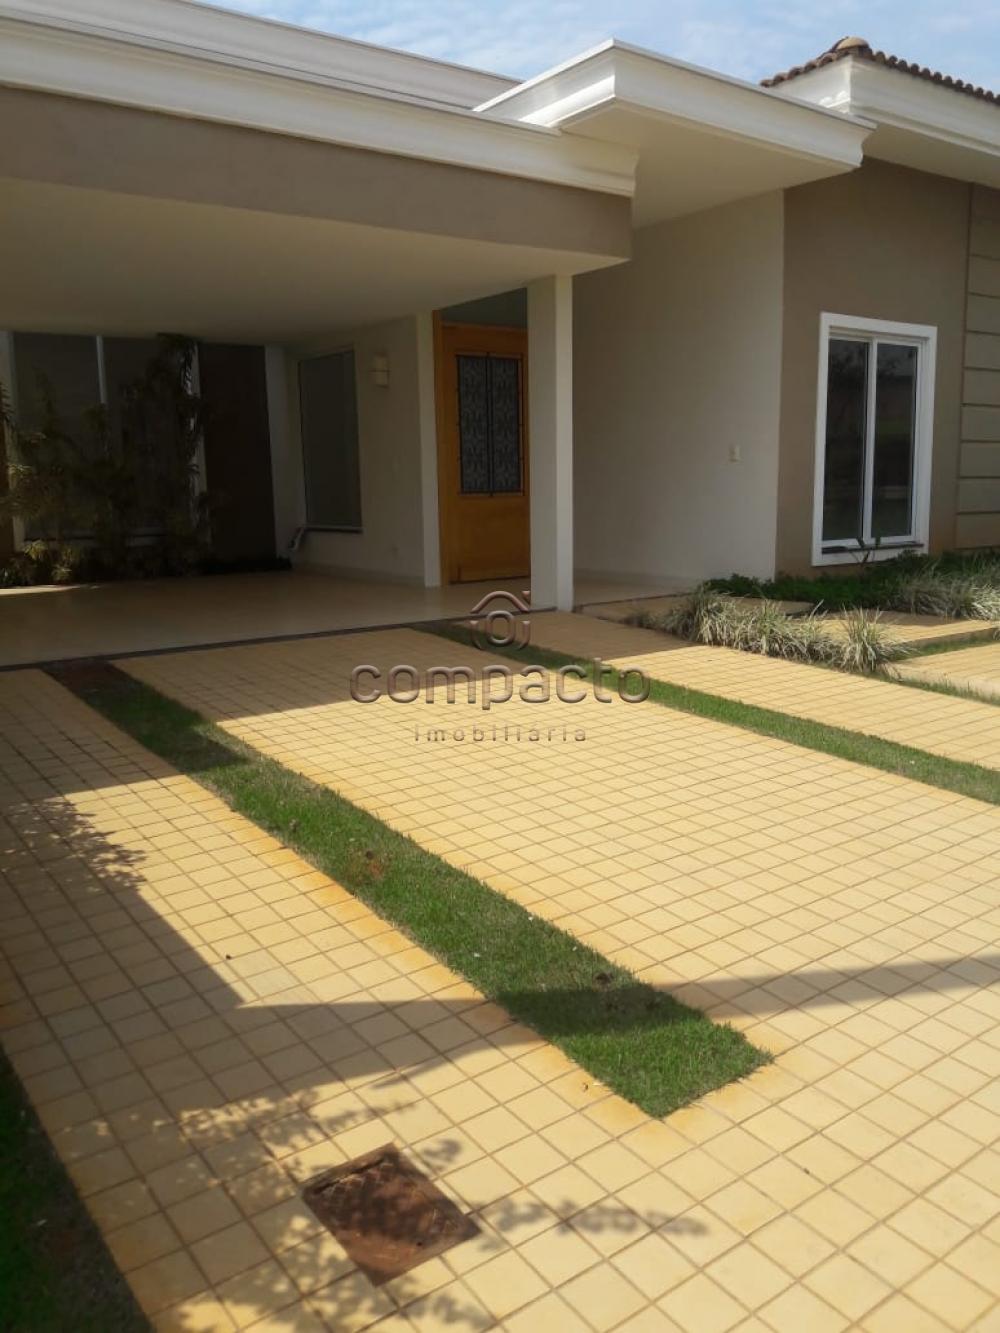 Alugar Casa / Condomínio em São José do Rio Preto apenas R$ 5.000,00 - Foto 1